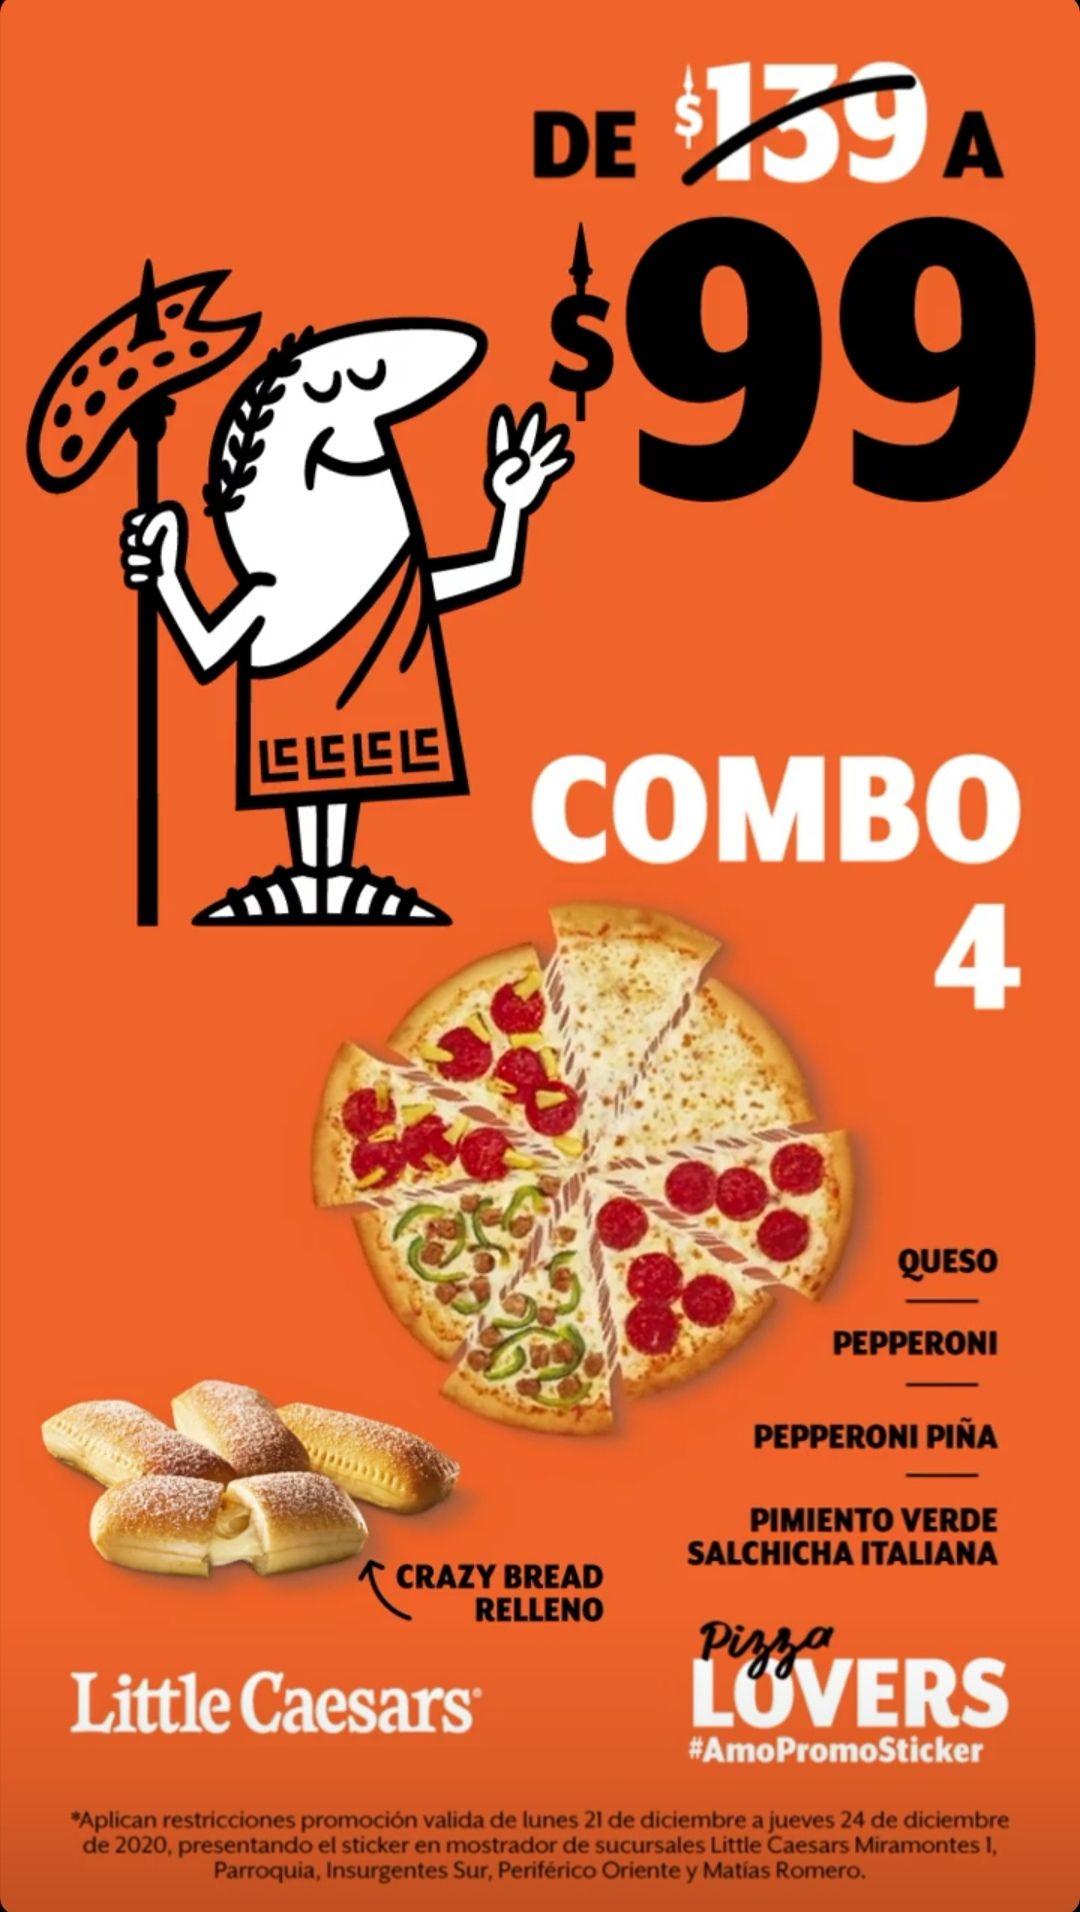 Little Caesars: Pizza Cu4tro + Crazy Bread Relleno $99 con Promosticker del Lunes 21 al Jueves 24 Diciembre en sucursales seleccionadas